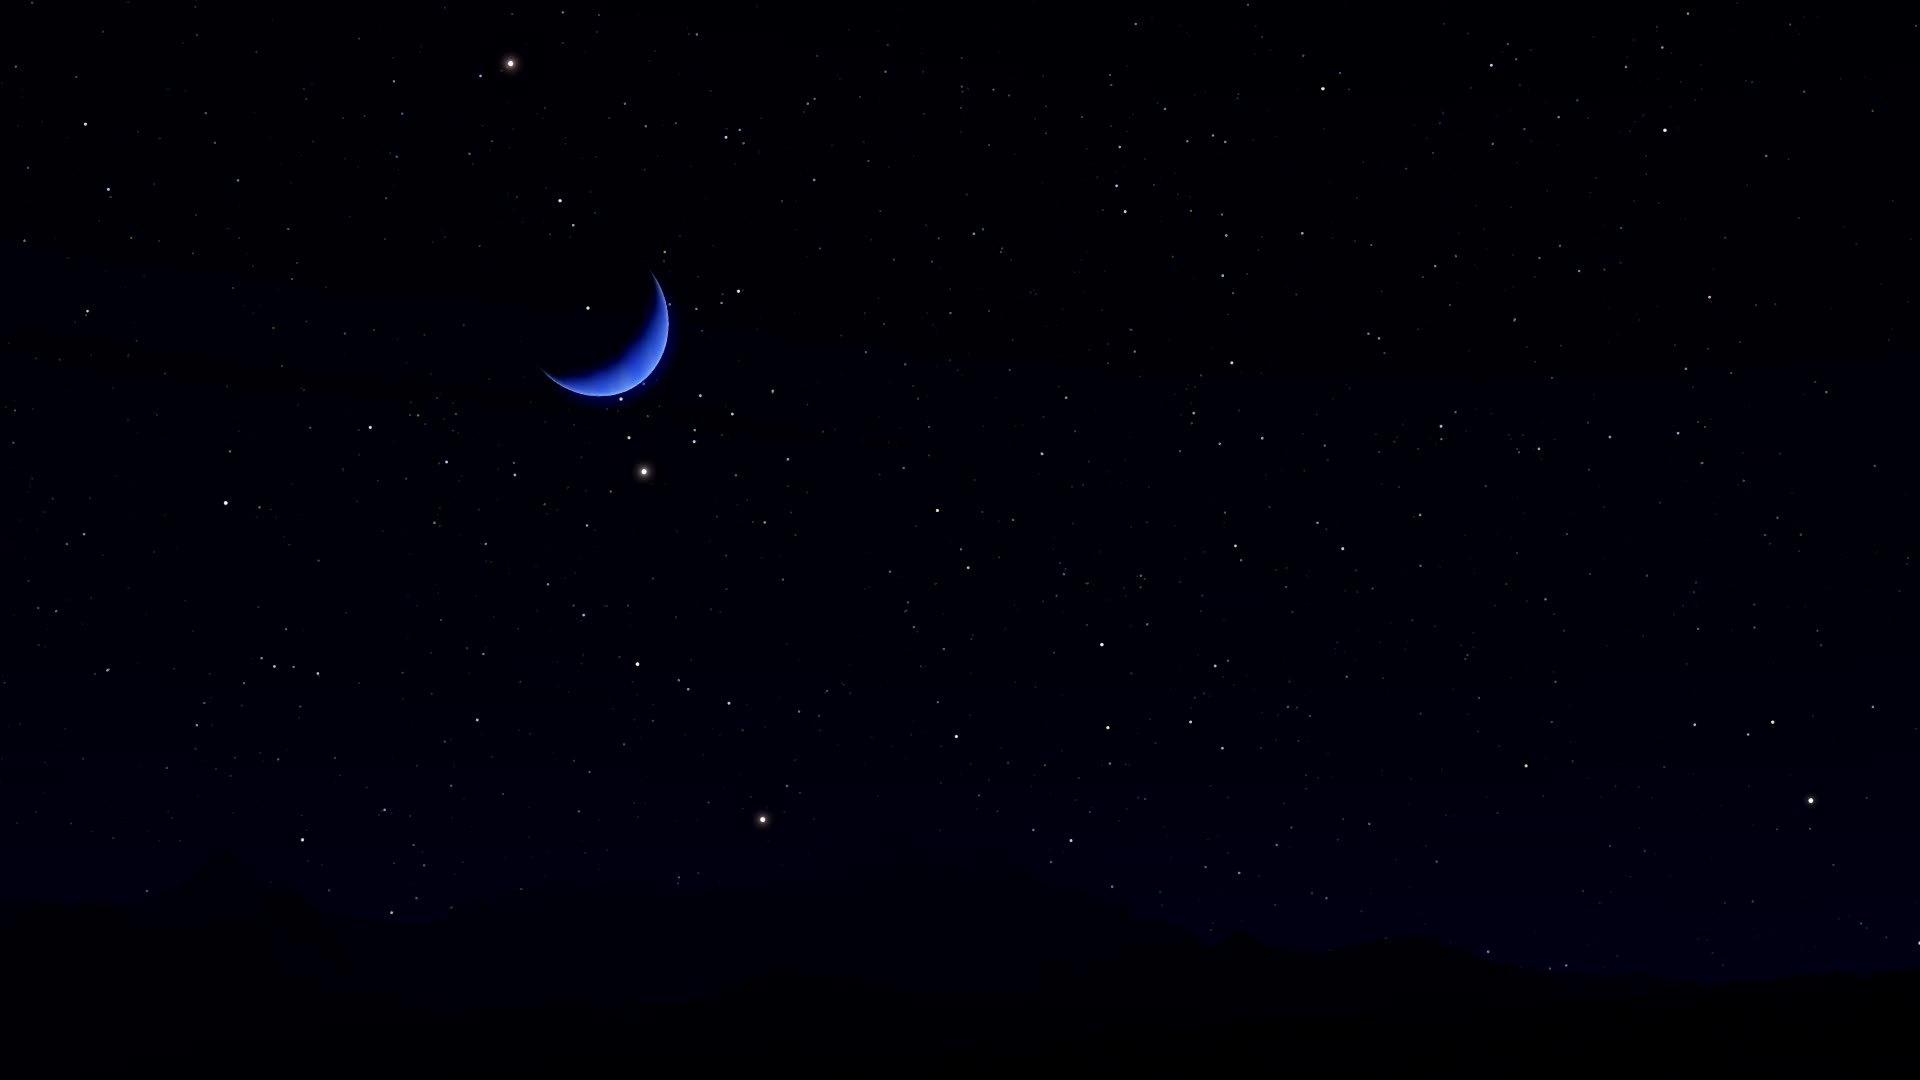 spaceengine, spacegifs, sunrise, Moon RS 8411-6-6-56310-156 6.4 GIFs